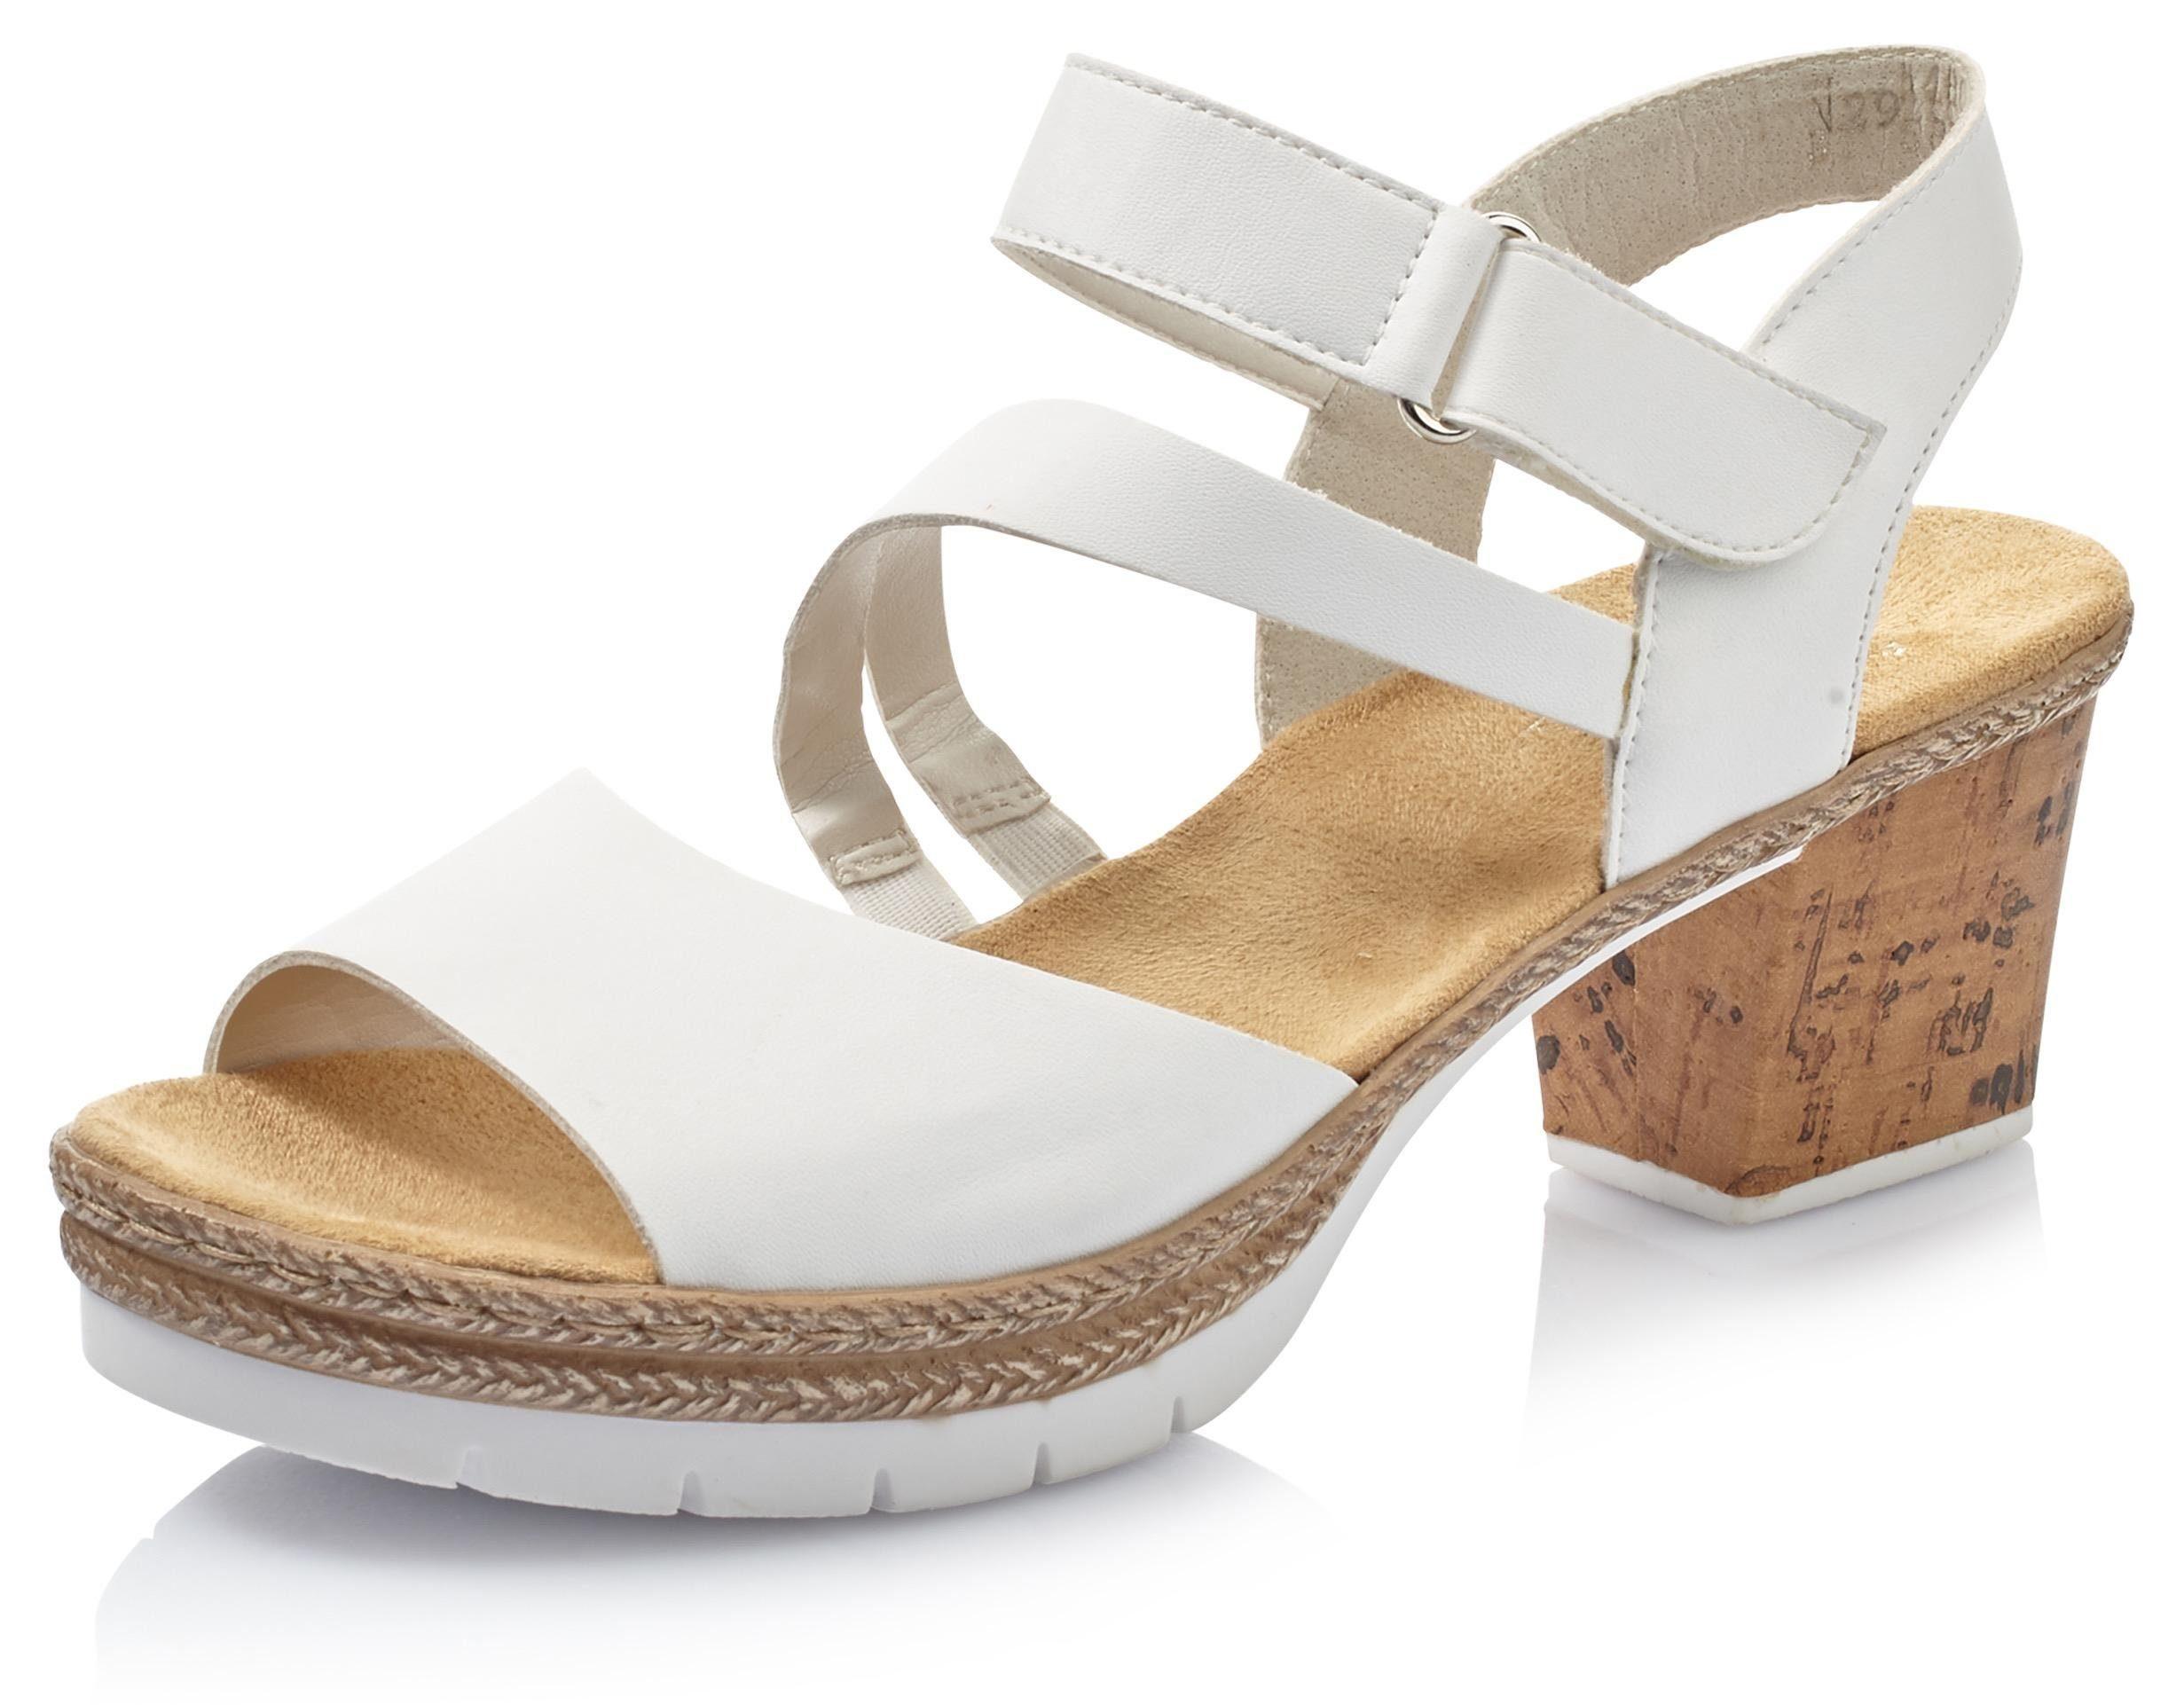 Rieker Sandalette mit zweckmäßigem Klettverschluss | OTTO